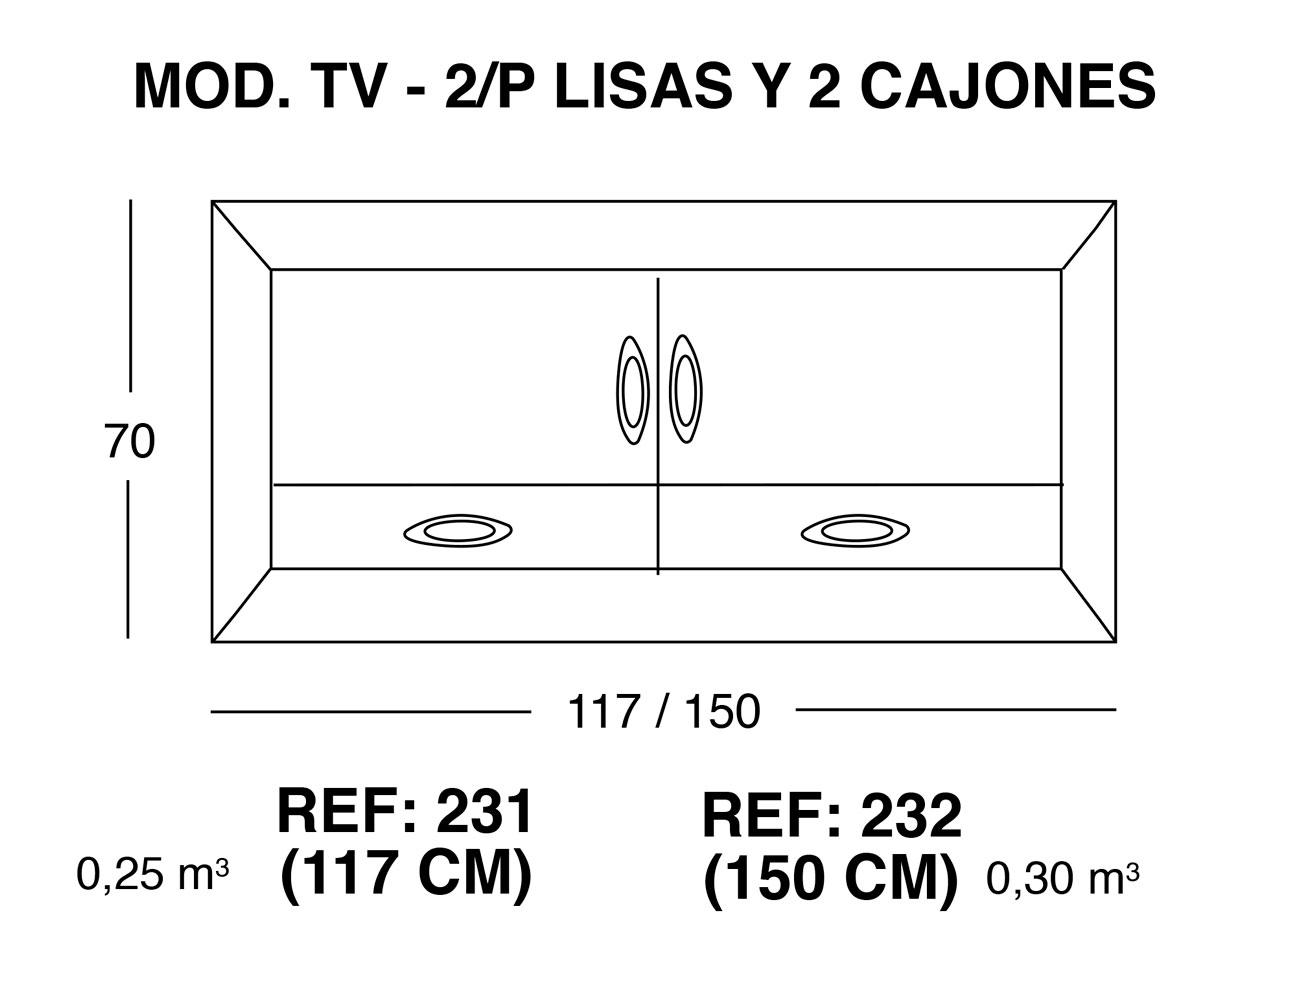 Modulo tv 2p lisas 2 cajones1